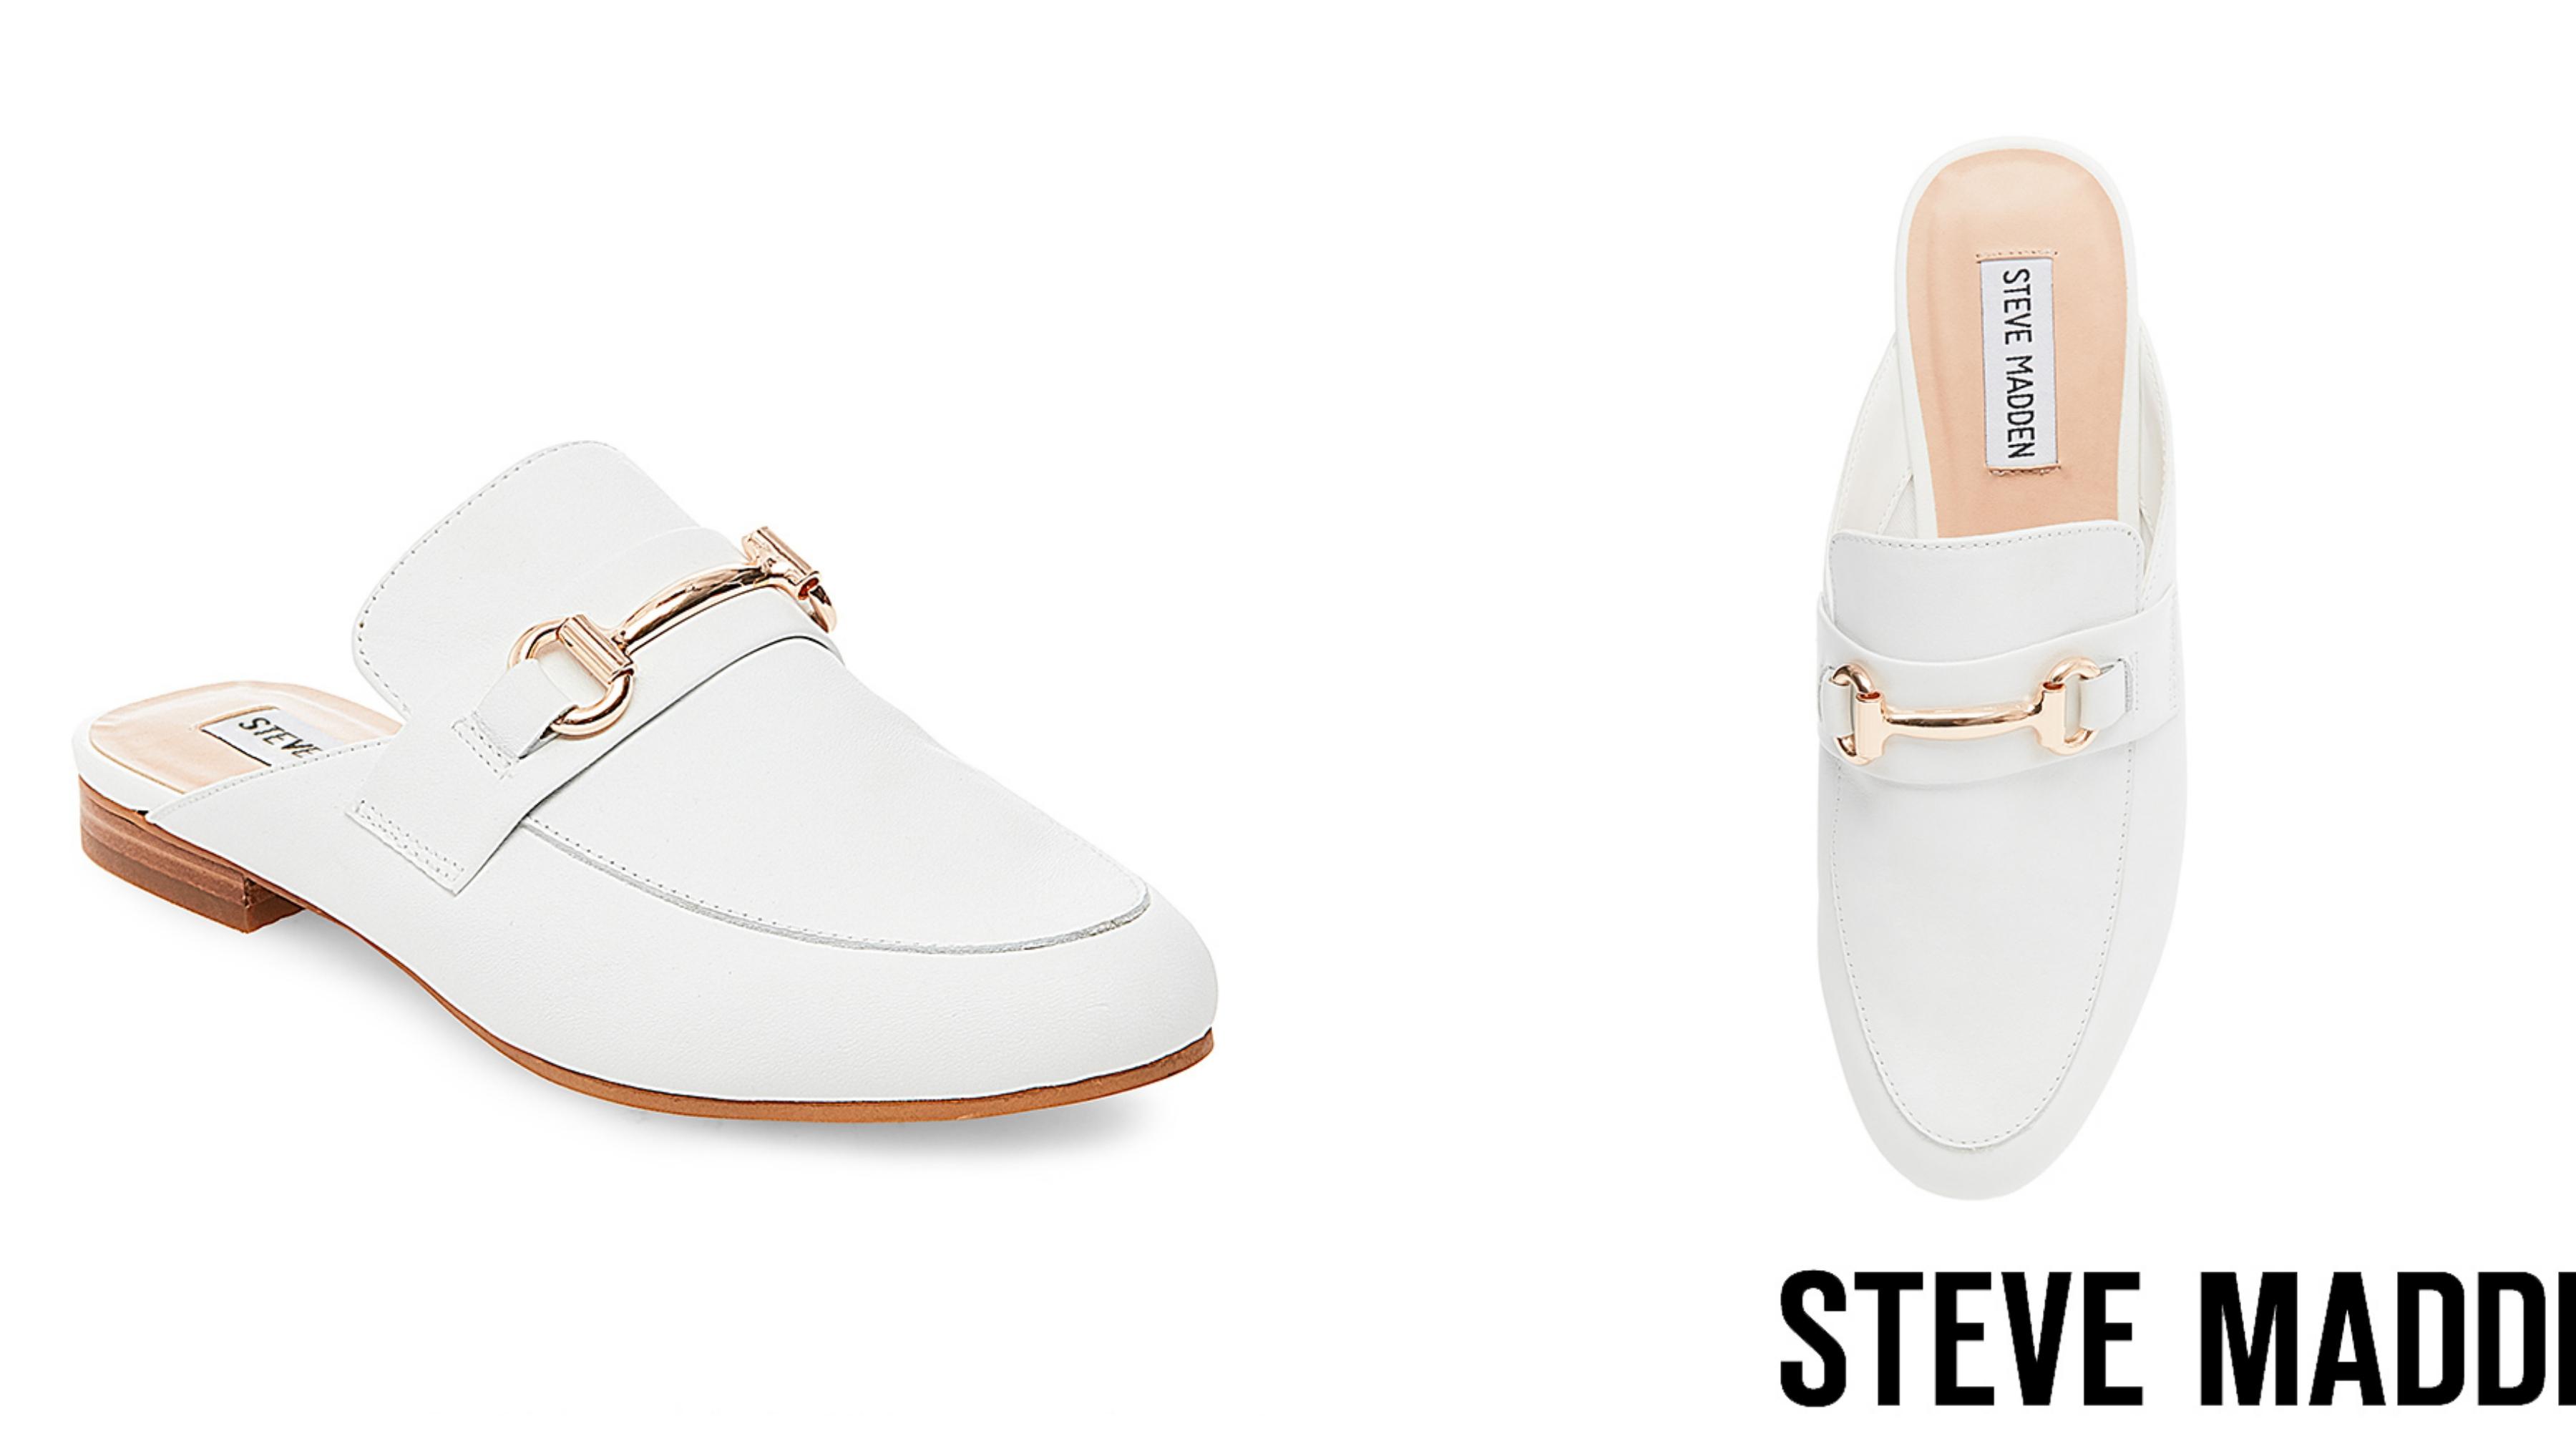 席捲歐美的穆勒鞋,嚴選高質感真皮面料